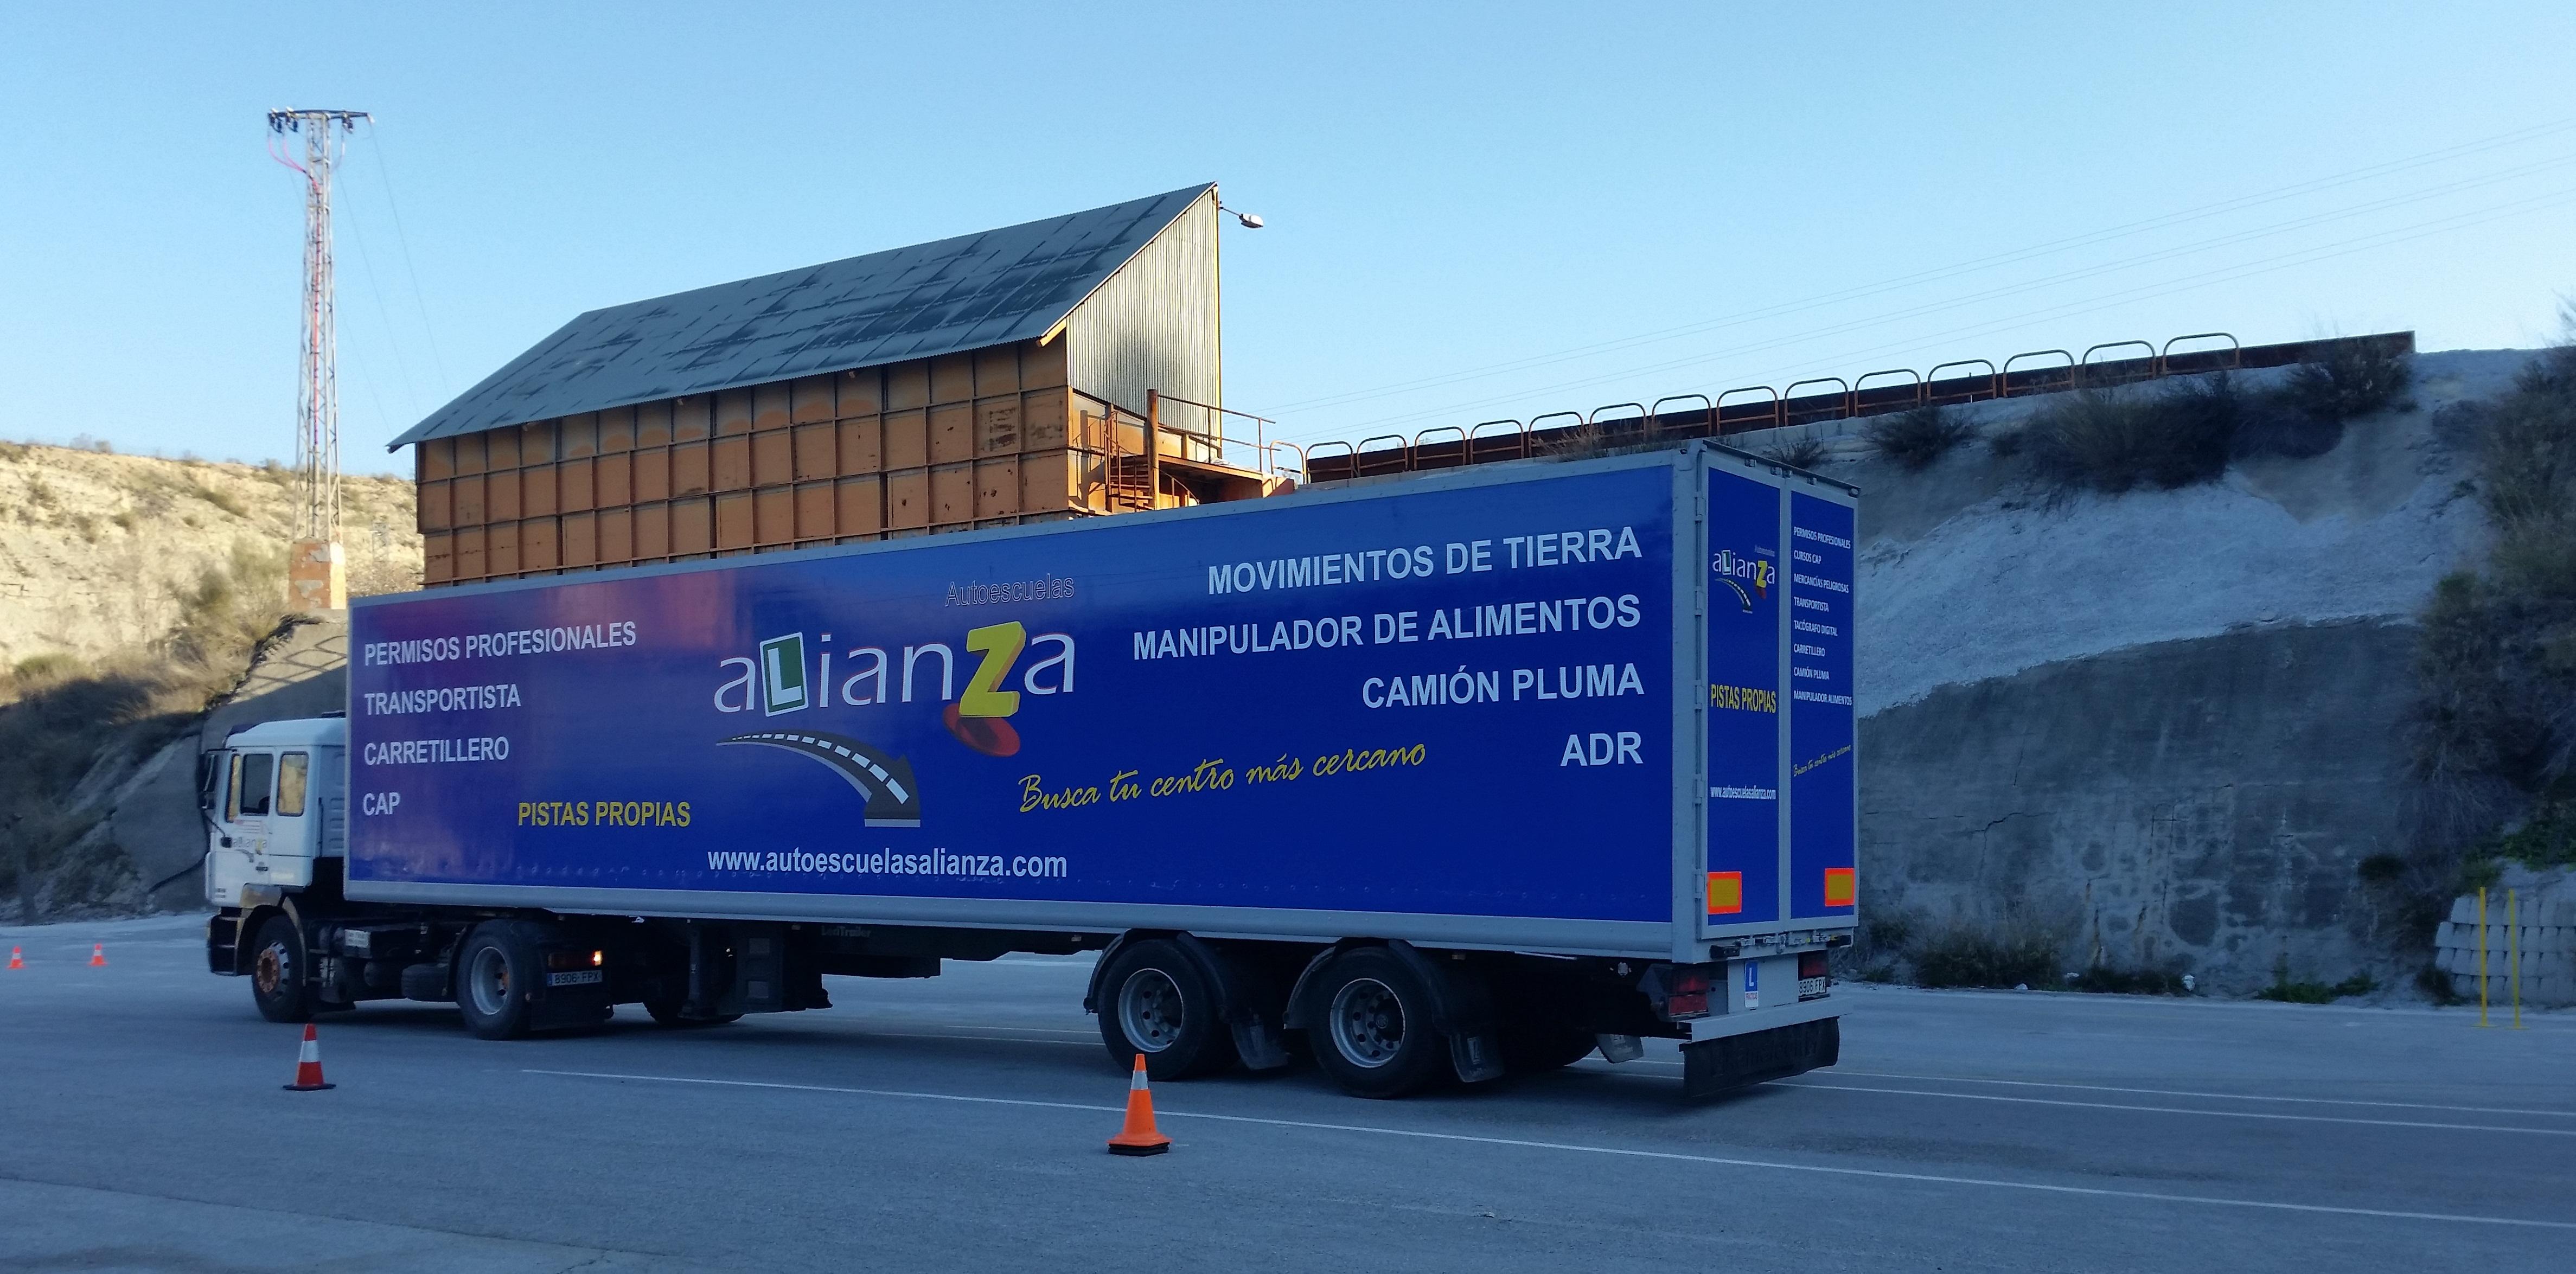 Autoescuelas Alianza Permisos Profesionales en Granada